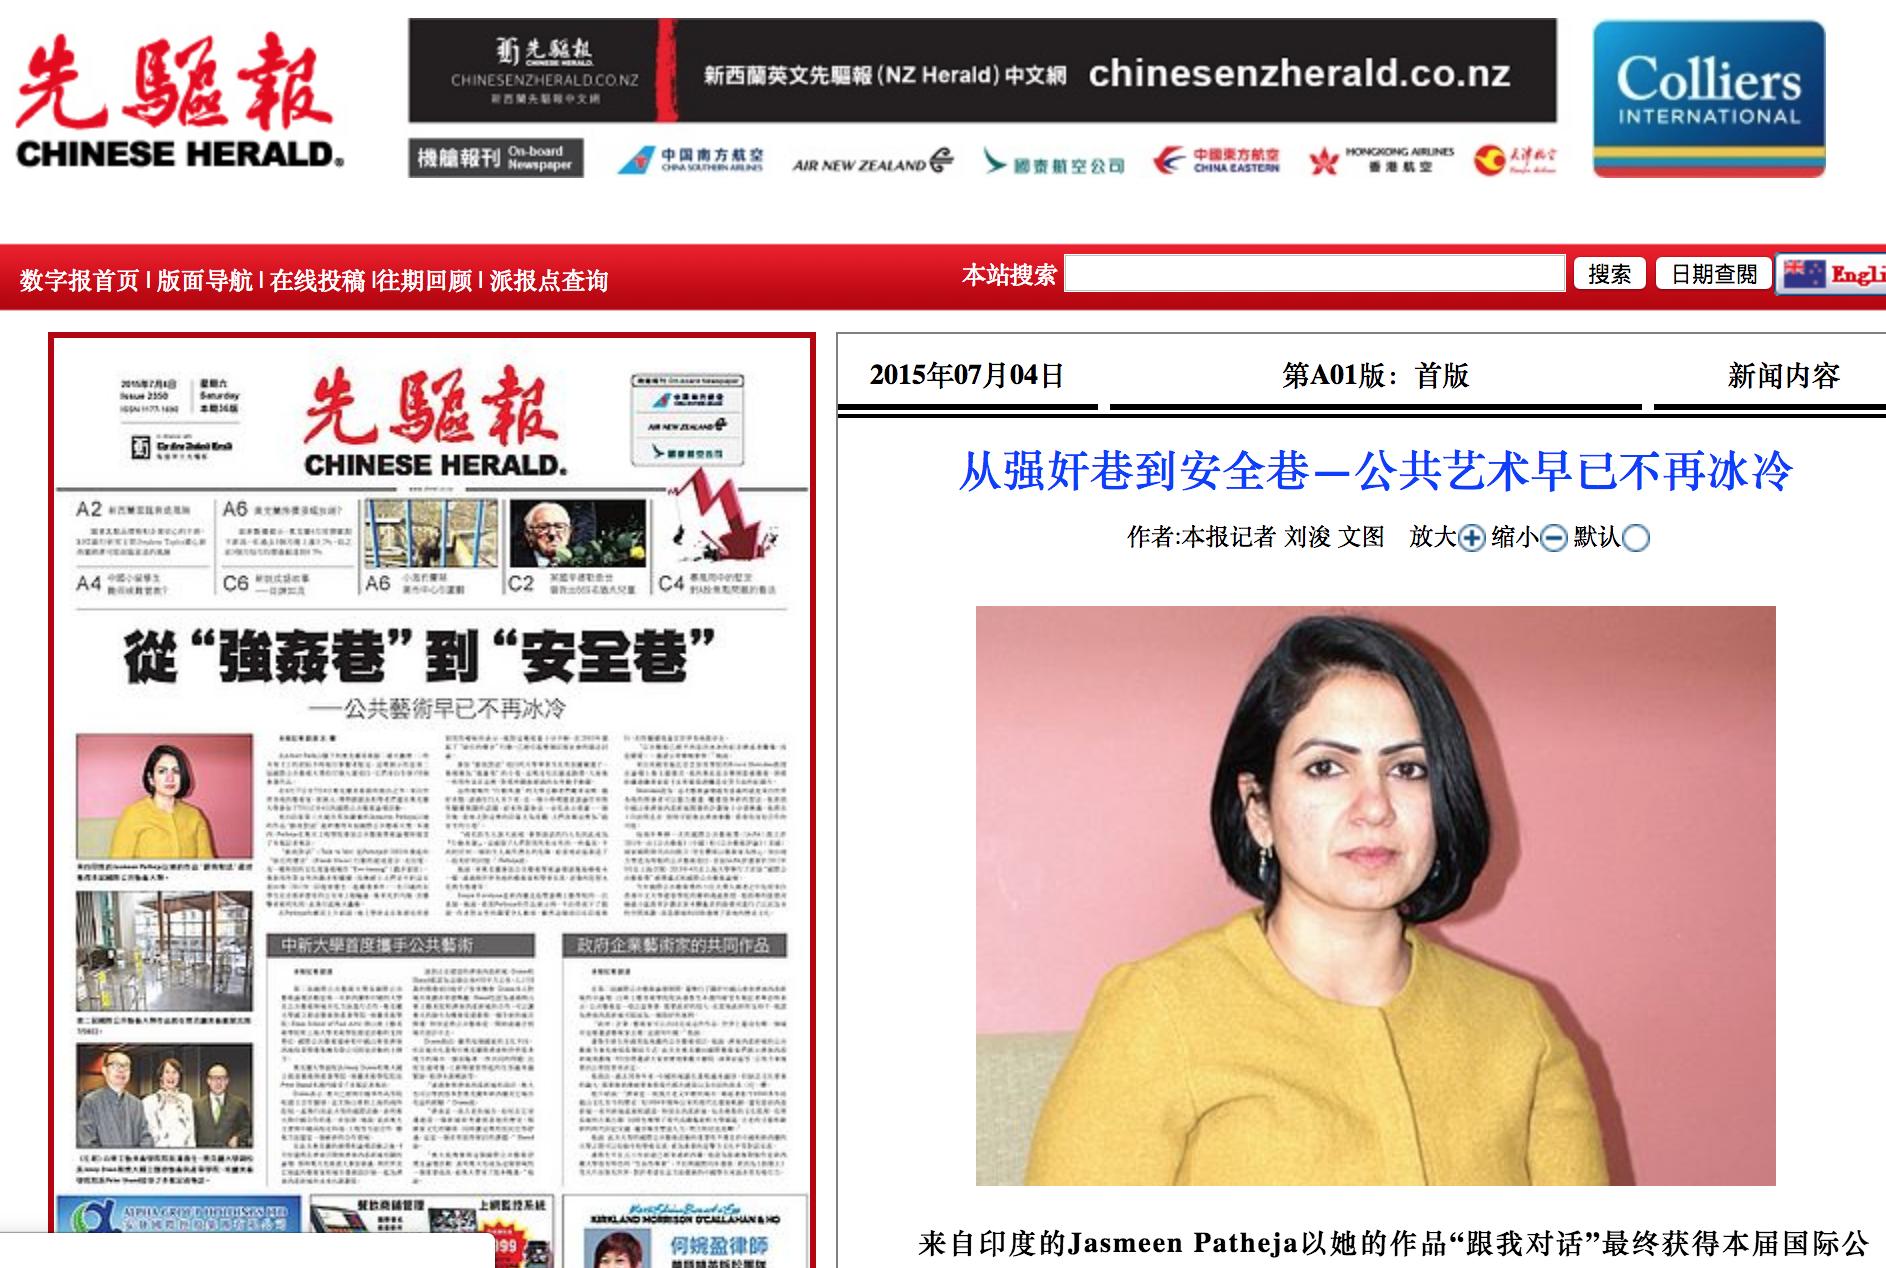 Chinese Herald, 2015